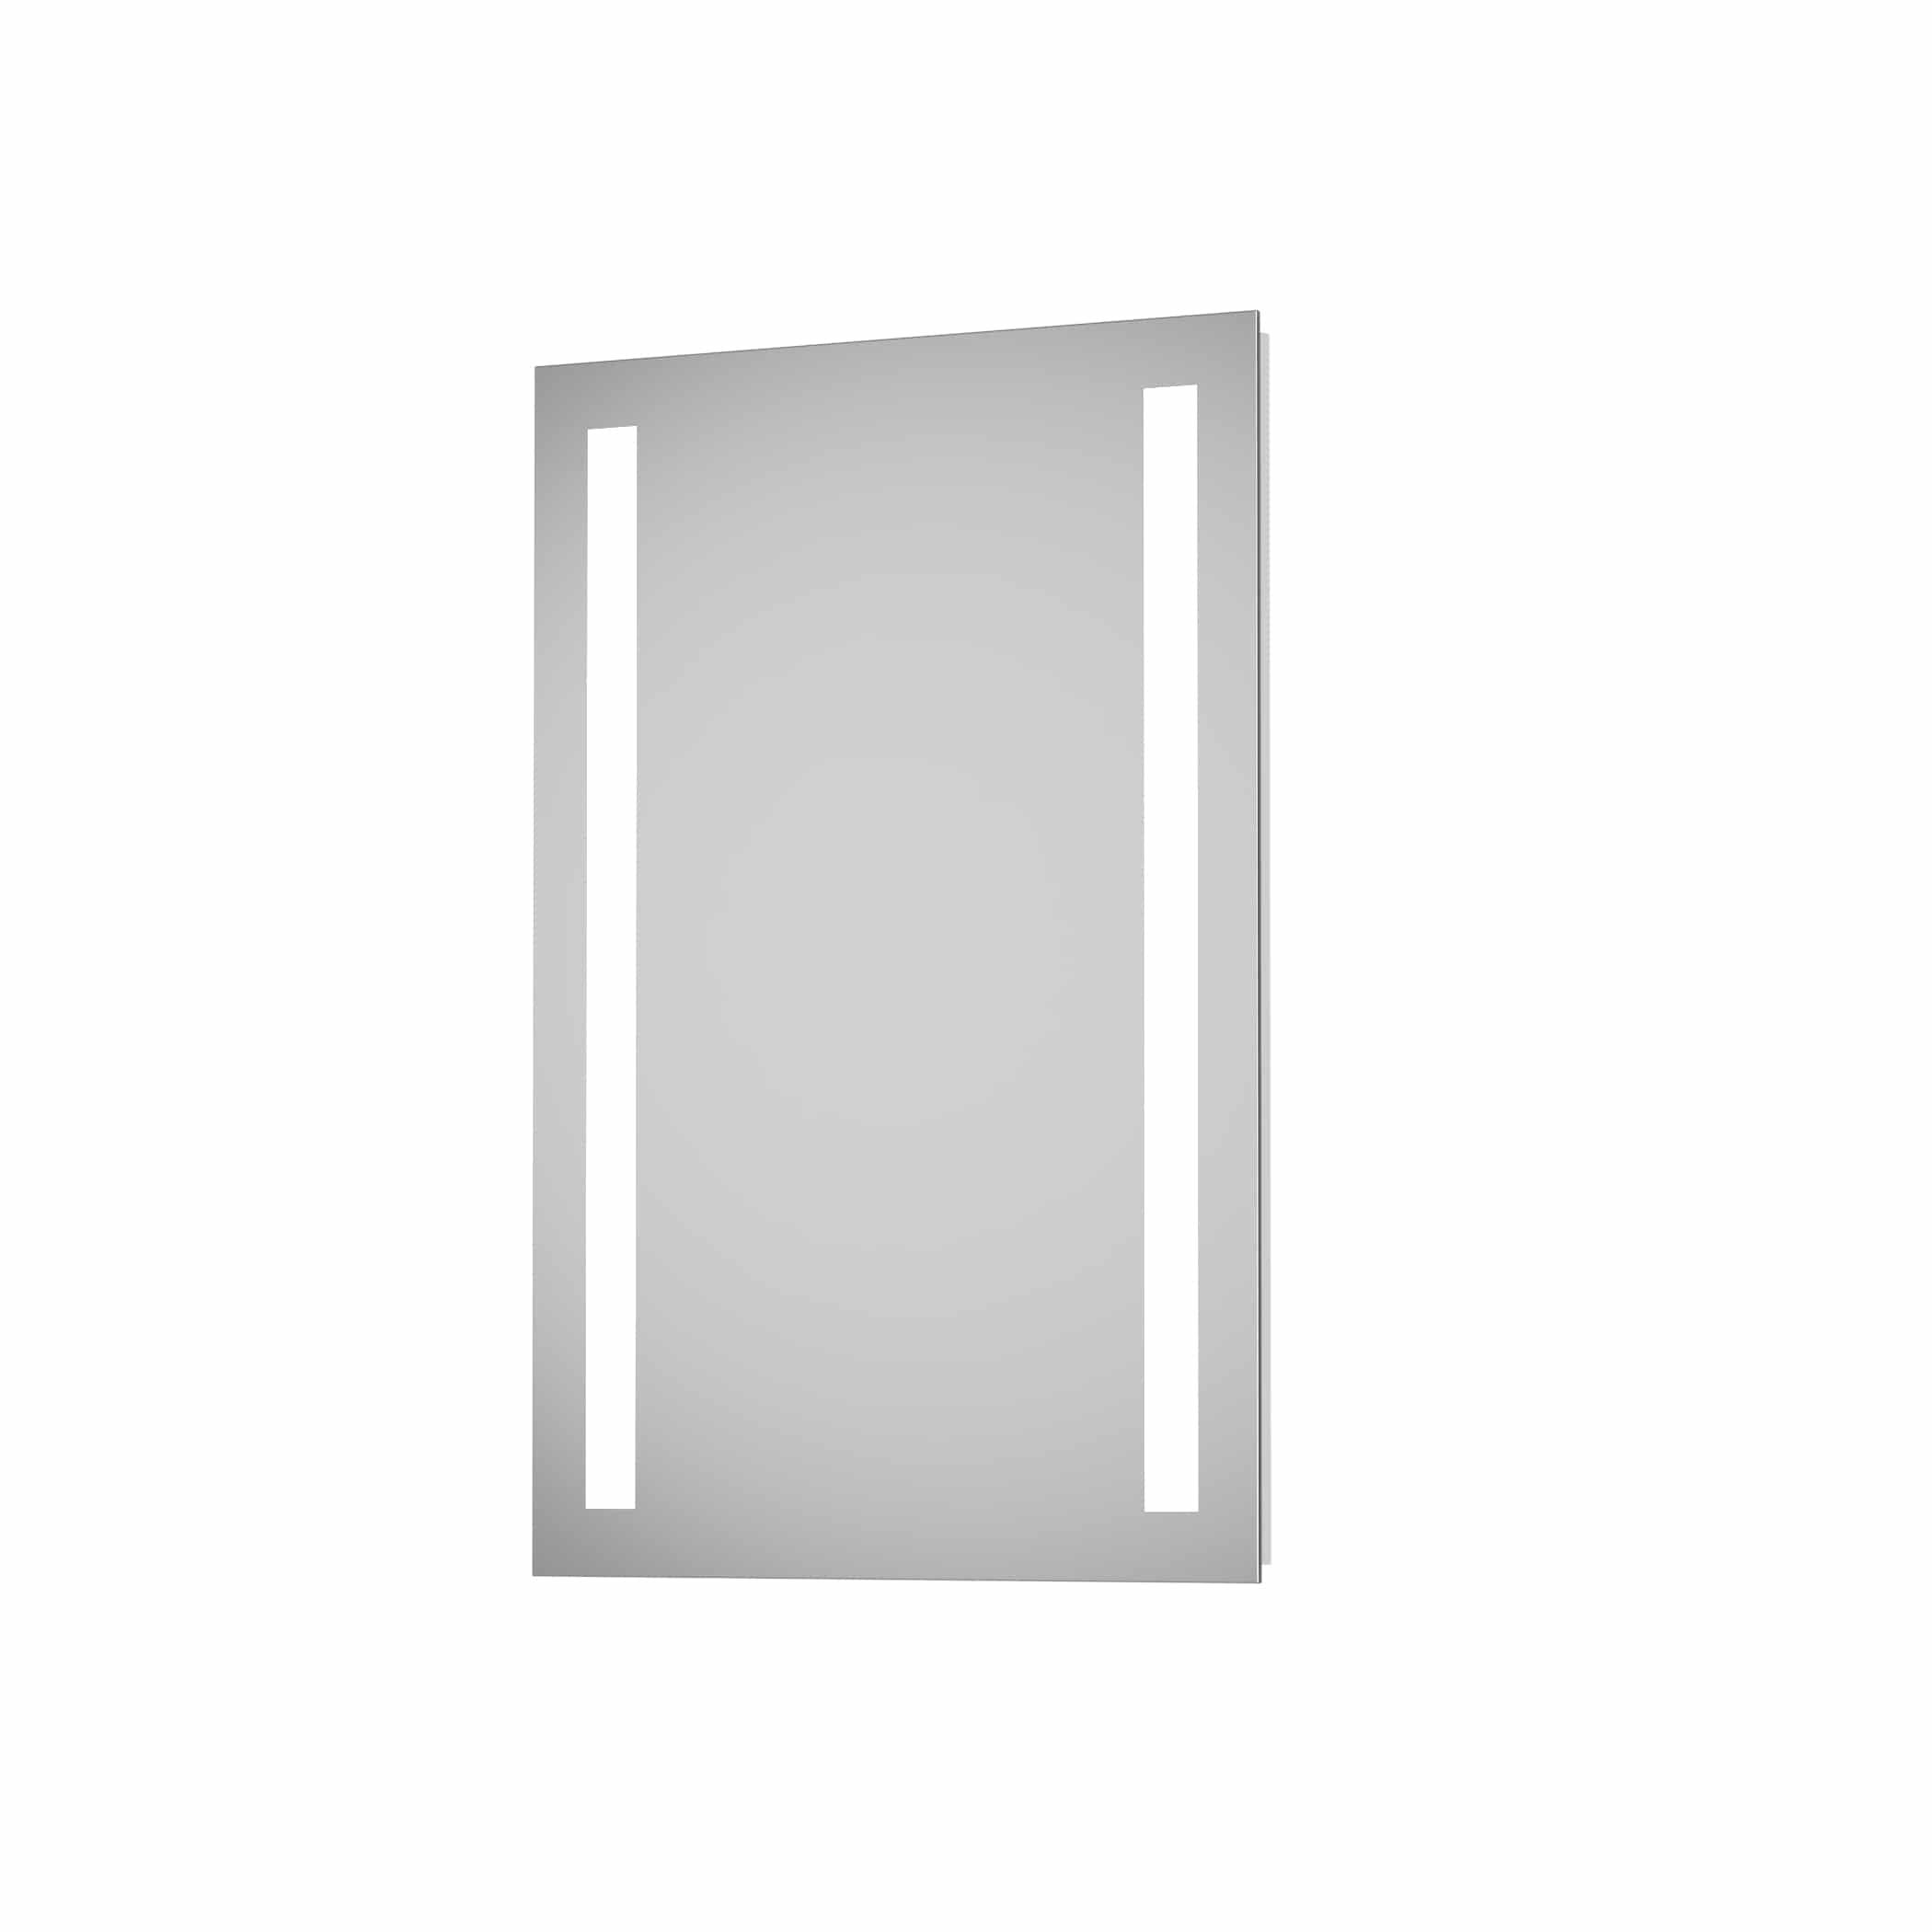 Badspiegel 50cm Breite Talos Light Lichtspiegel Shop